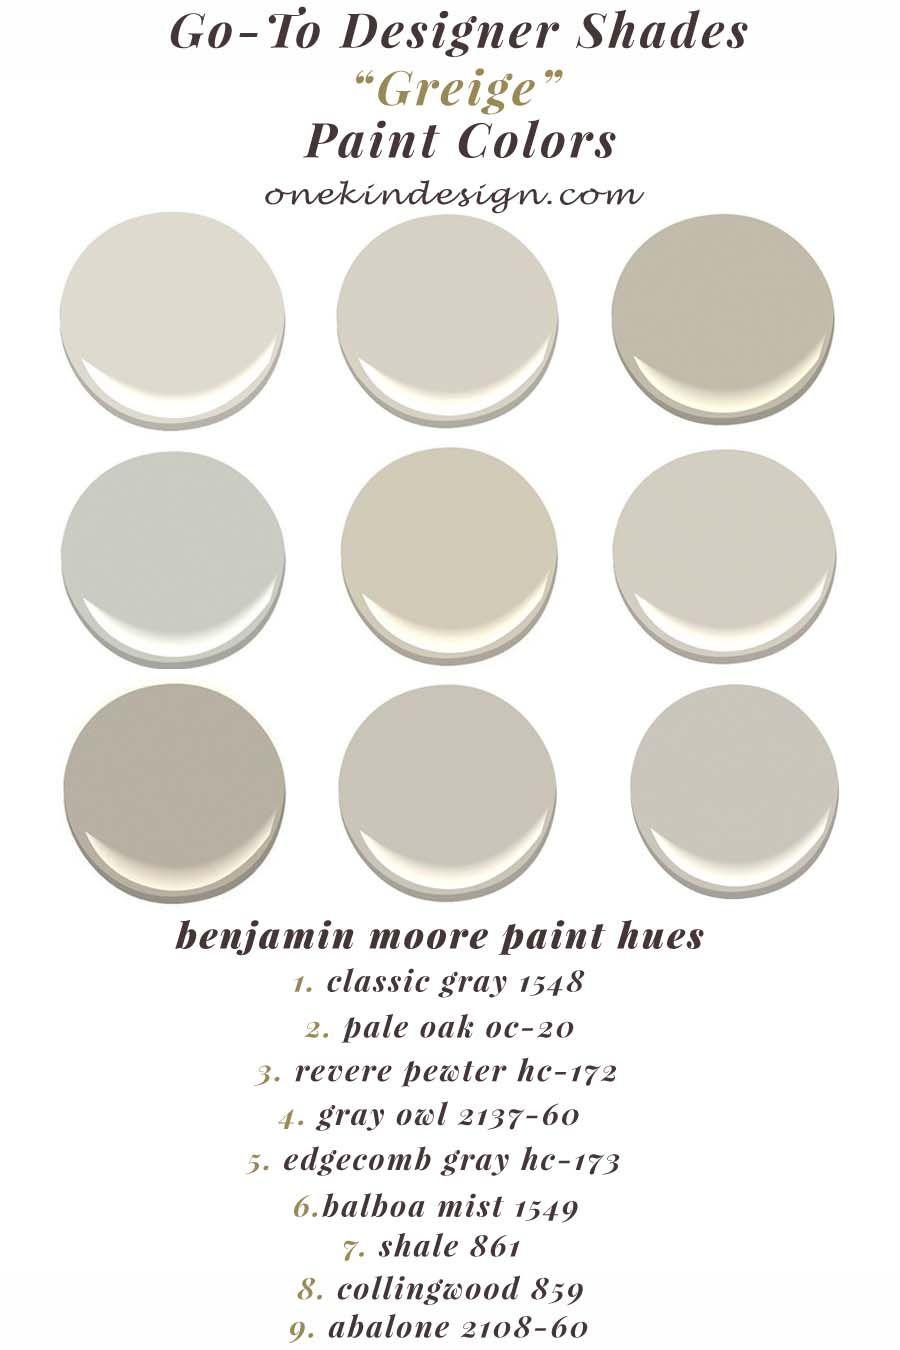 30 Exquisite Interior Spaces Showcasing The Color Greige Greige Paint Colors Greige Paint Paint Colors Benjamin Moore